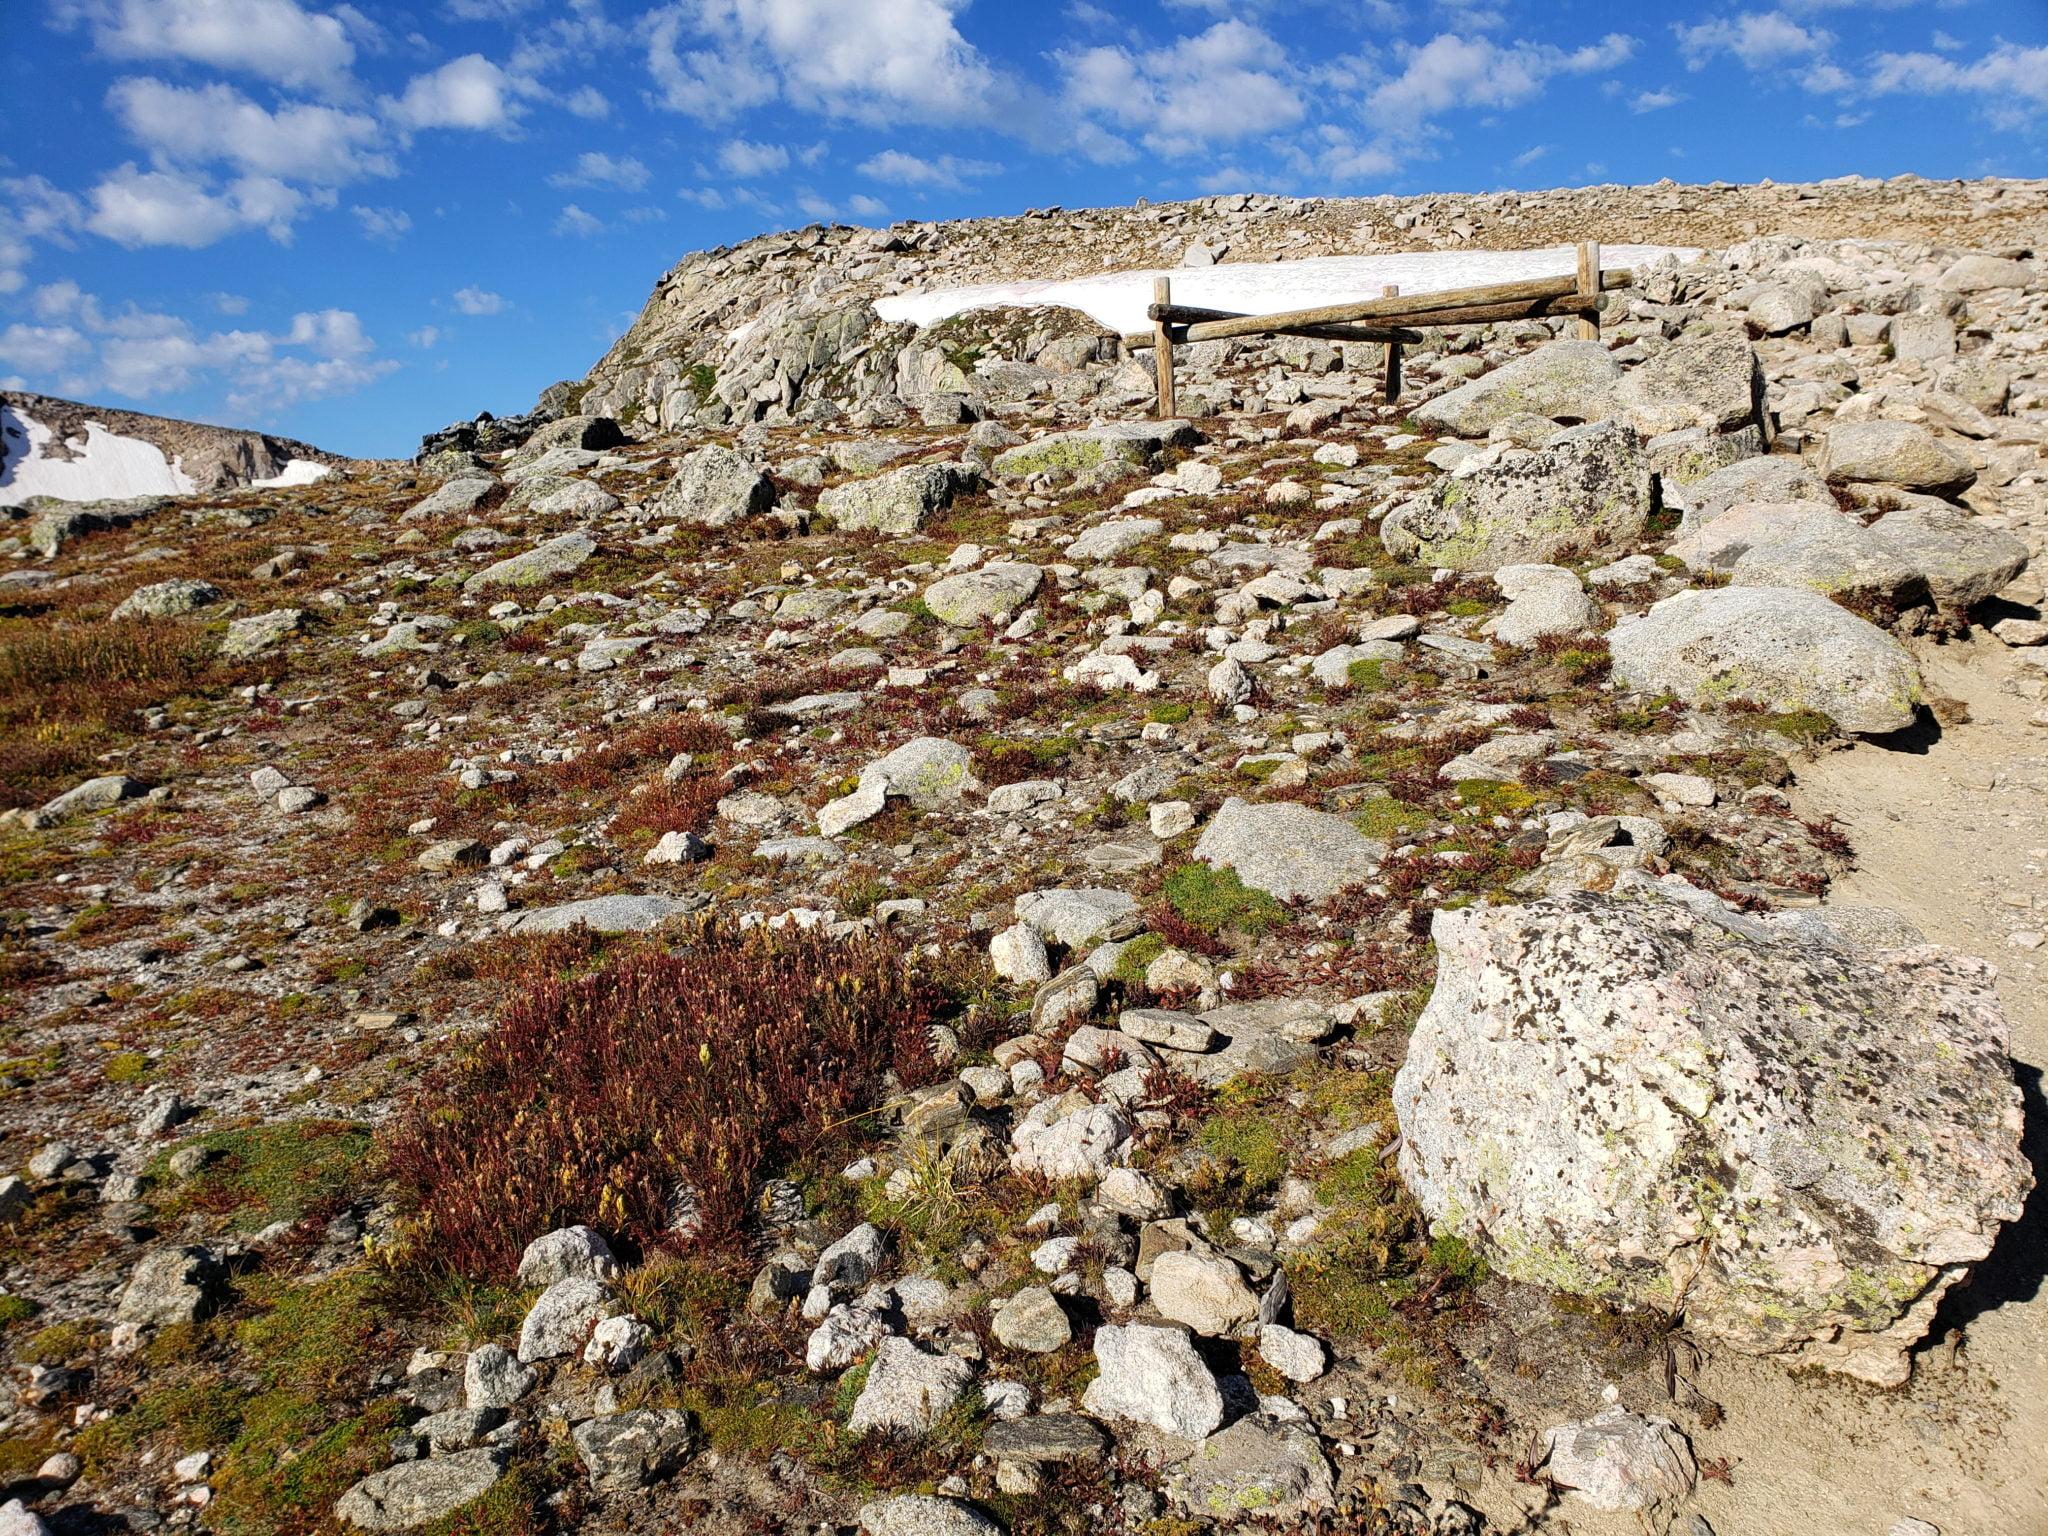 Nearing the summit of Flattop Mountain